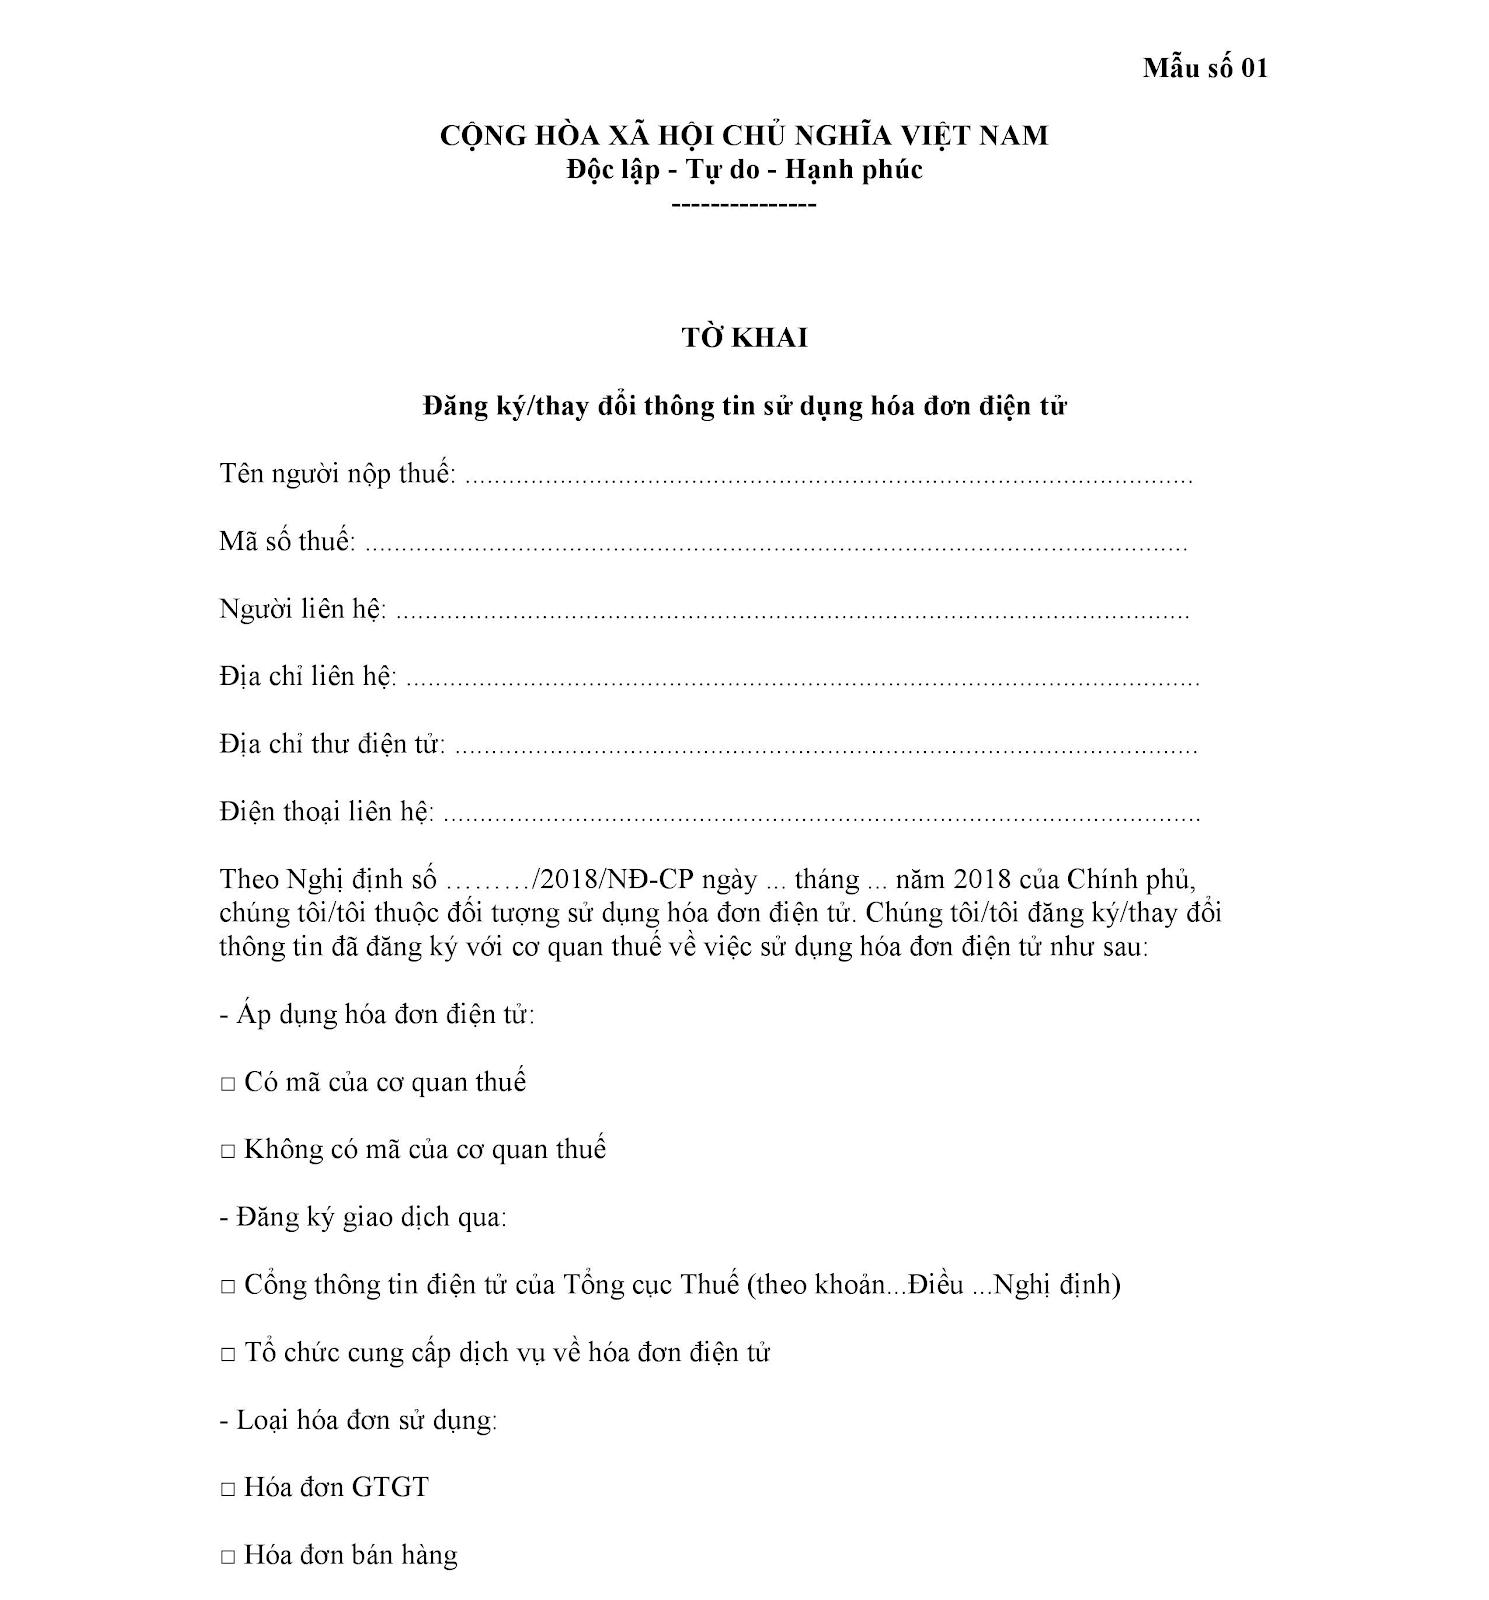 Hướng dẫn đăng ký sử dụng hóa đơn điện tử 4